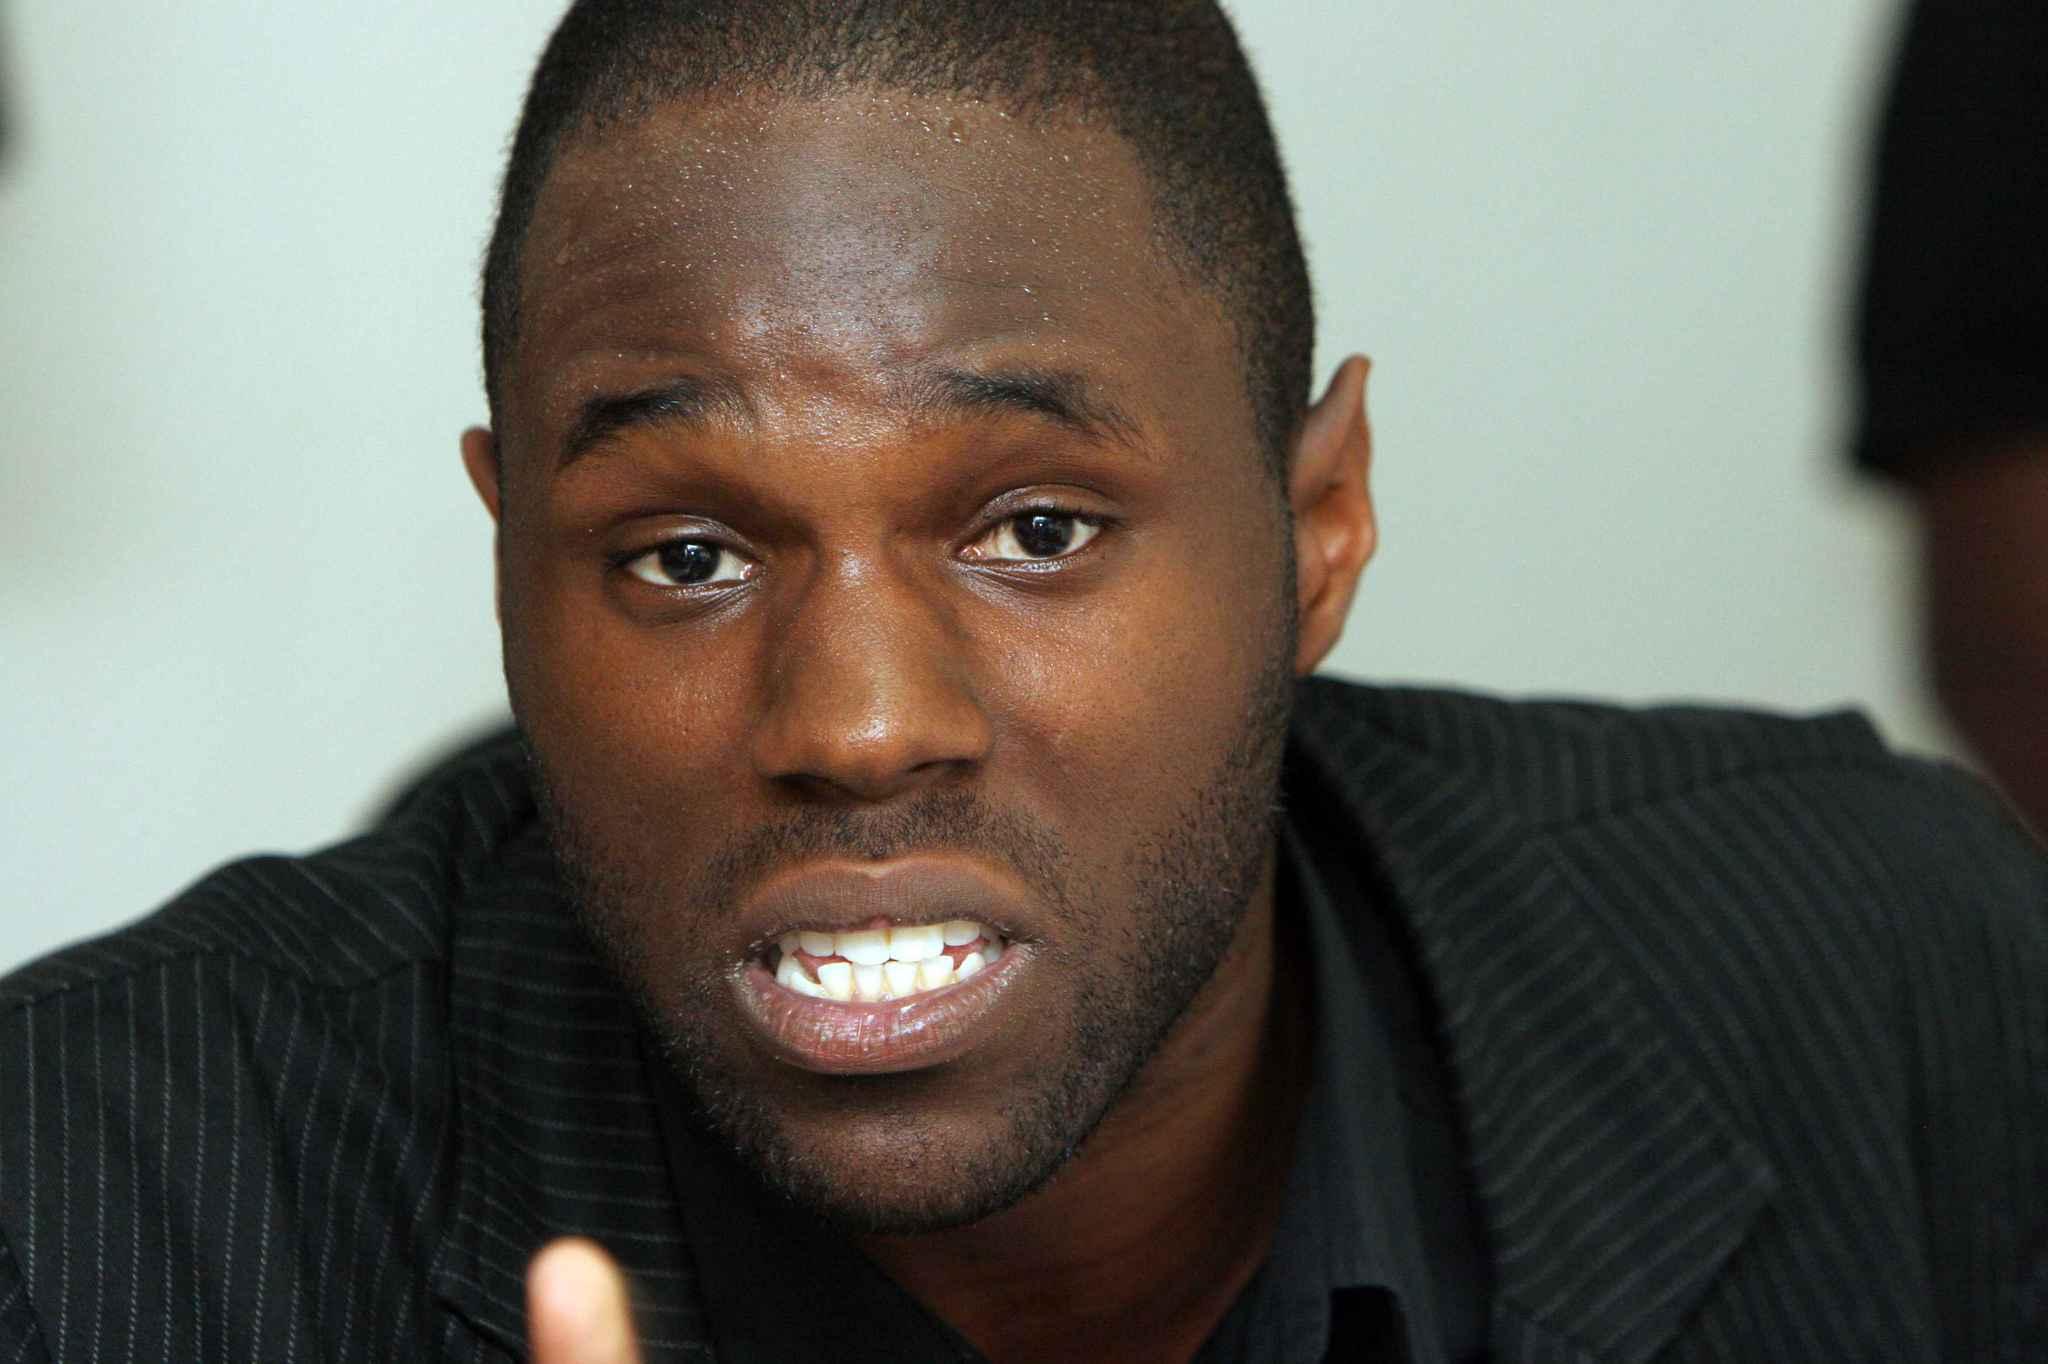 Kemi Seba face aux juges: « Mon peuple souffre à cause des effets néfastes… »